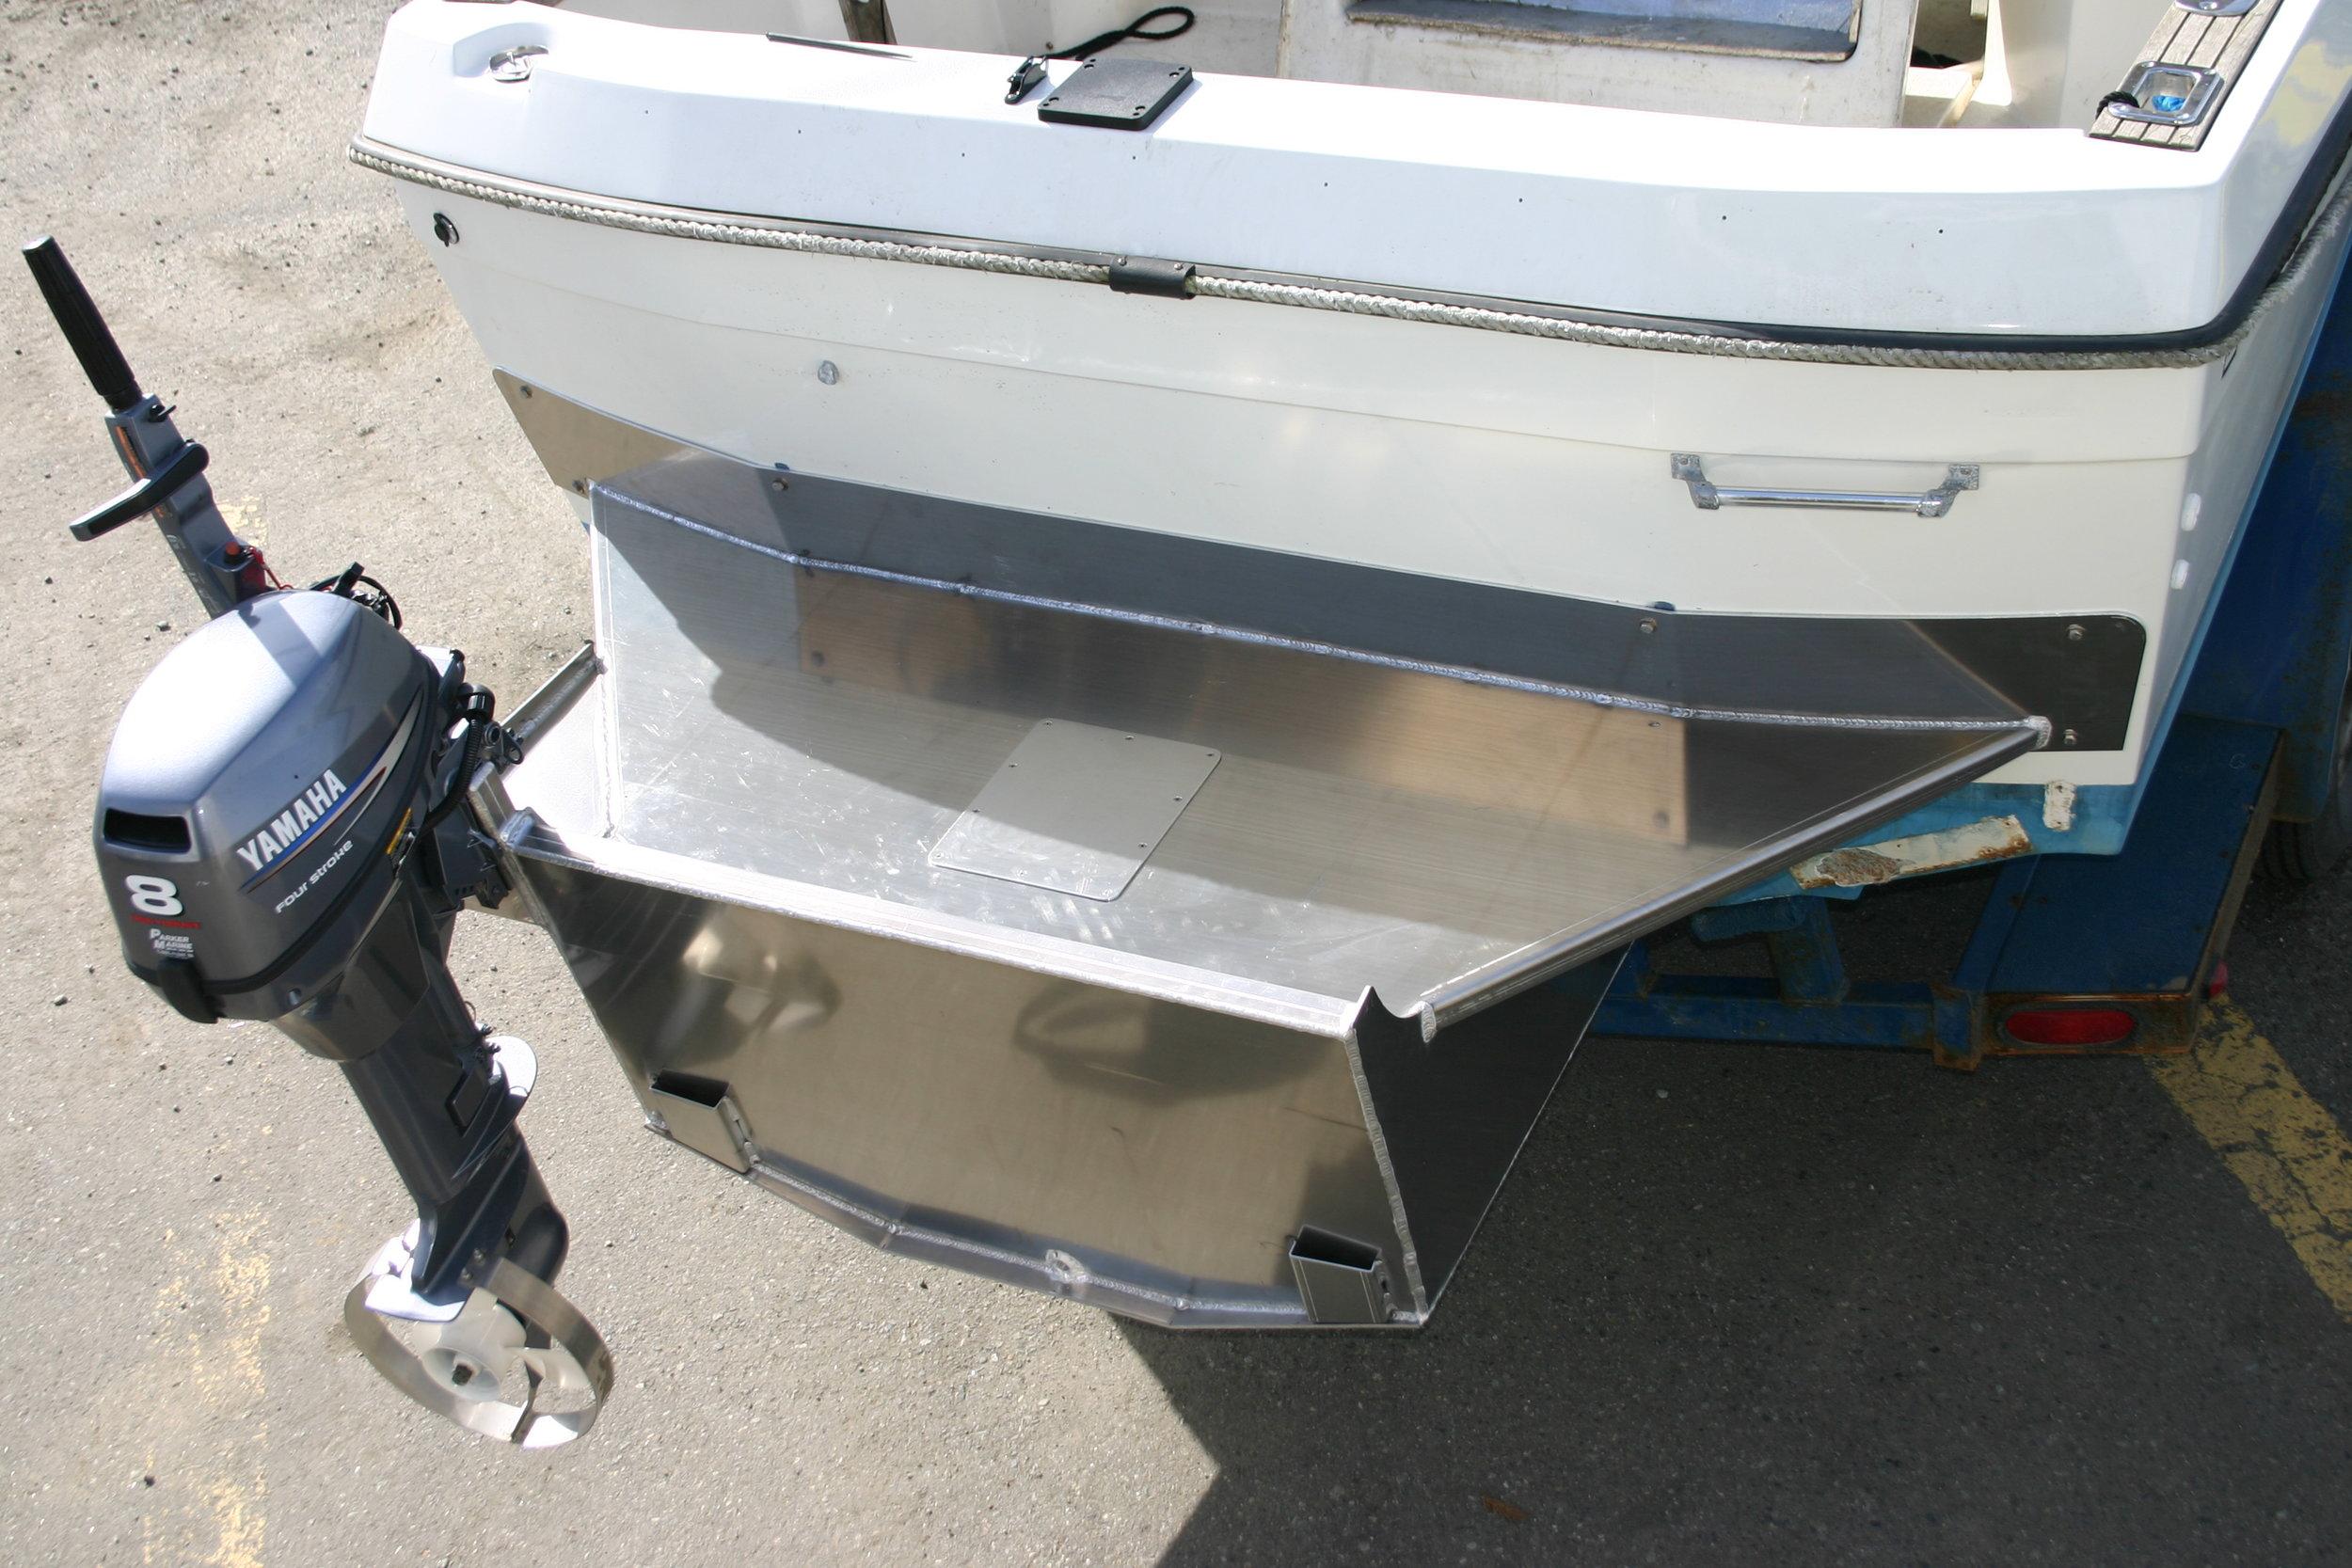 Outboard bkt Fiberglass boat 2010 003.jpg